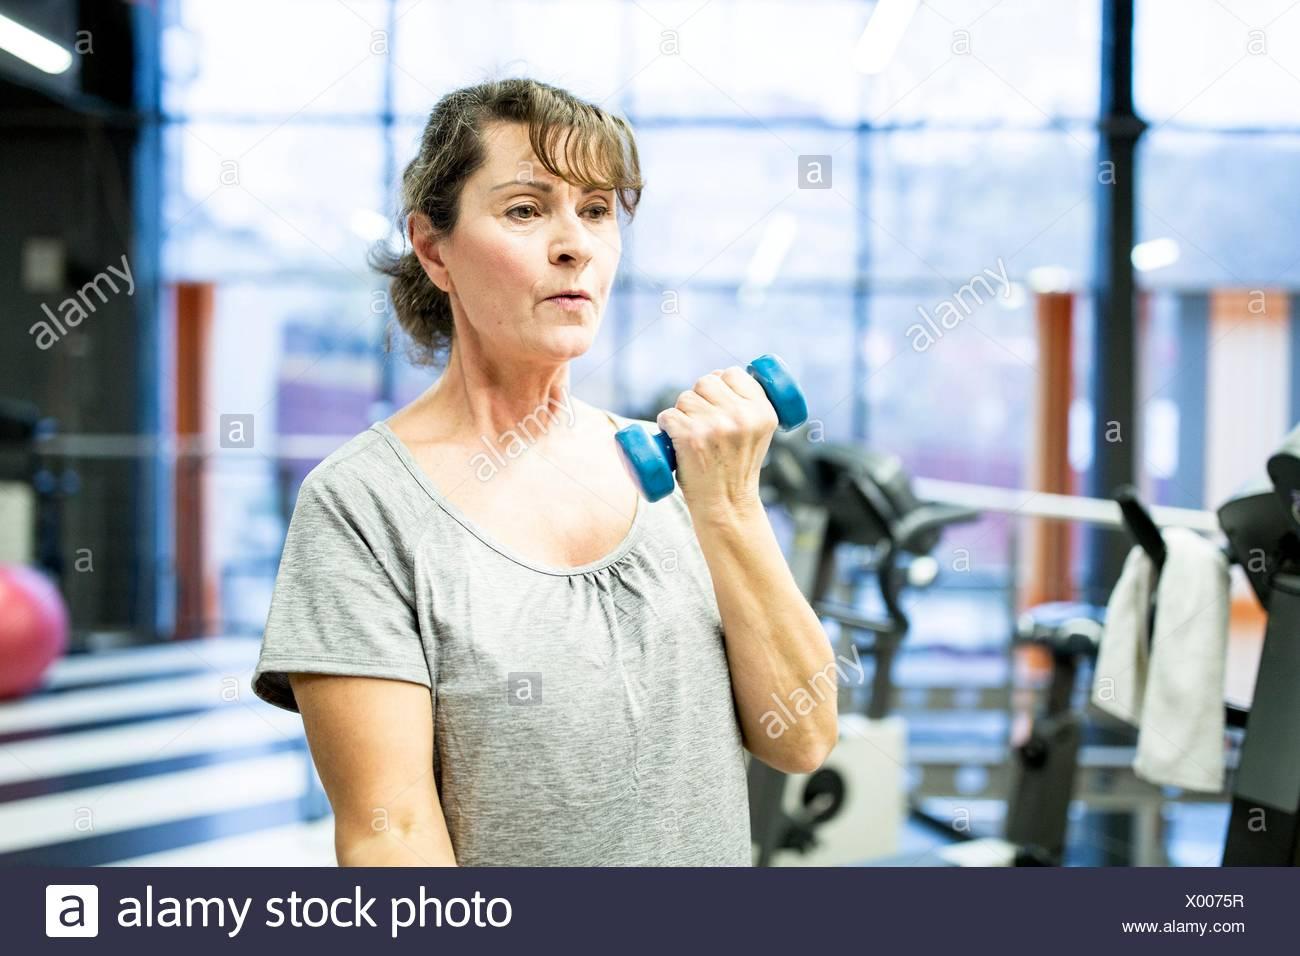 EIGENTUM FREIGEGEBEN. -MODELL VERÖFFENTLICHT. Ältere Frau mit Hantel im Fitness-Studio. Stockbild